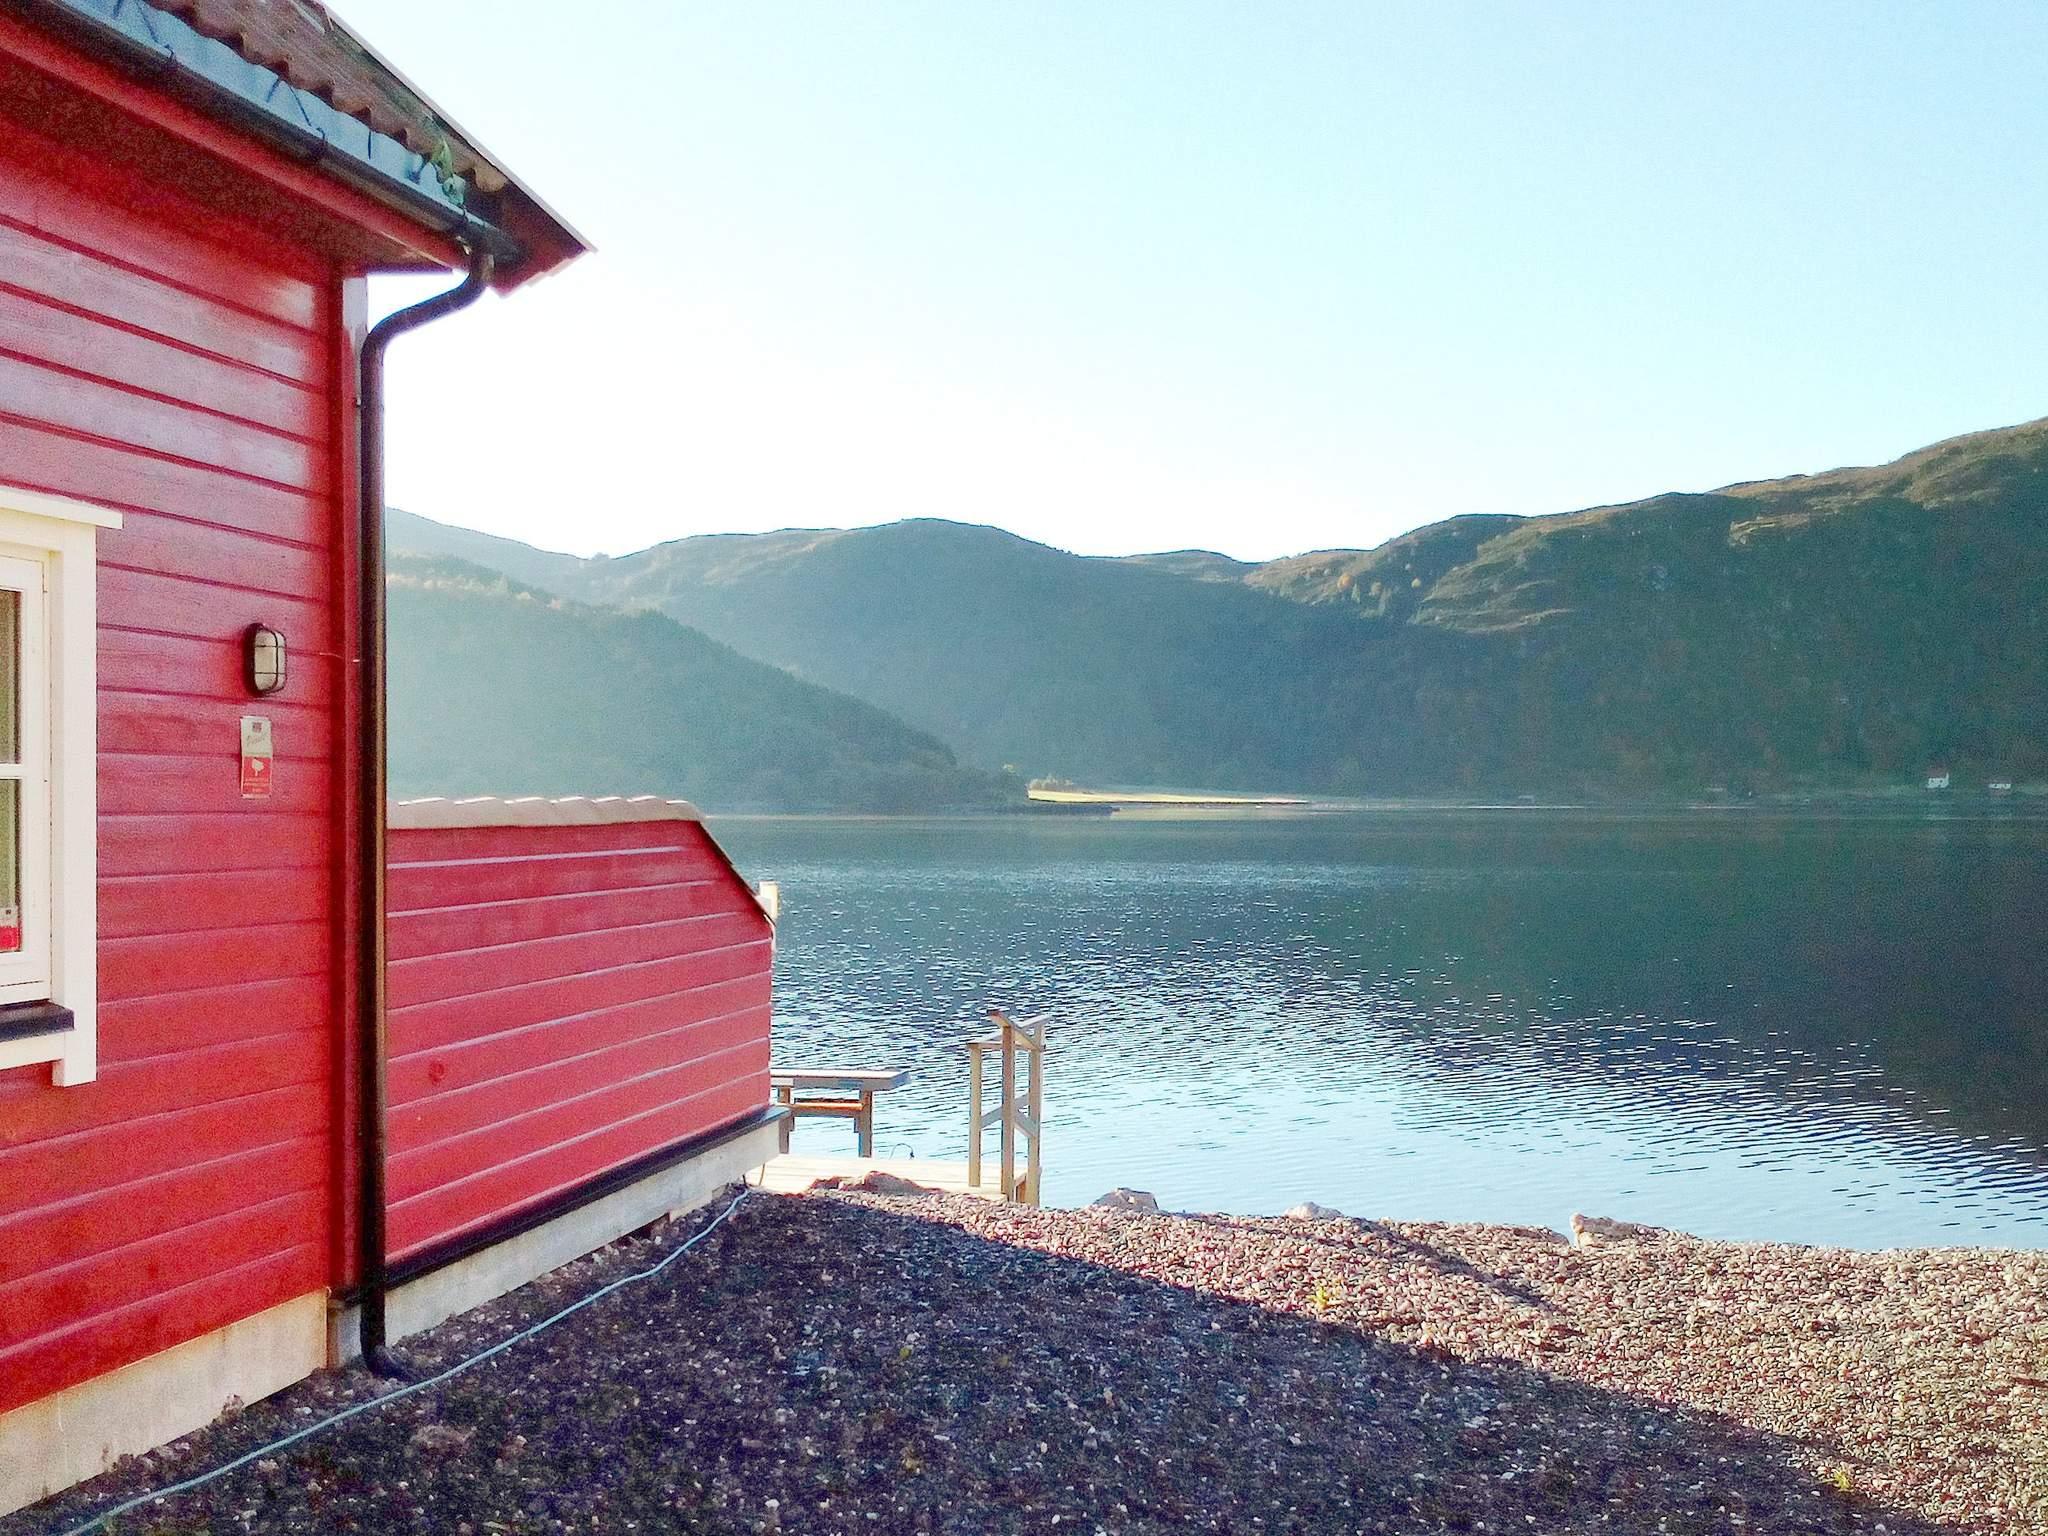 Ferienhaus Haugsbygda (479853), Haugsbygda, More - Romsdal, Westnorwegen, Norwegen, Bild 37